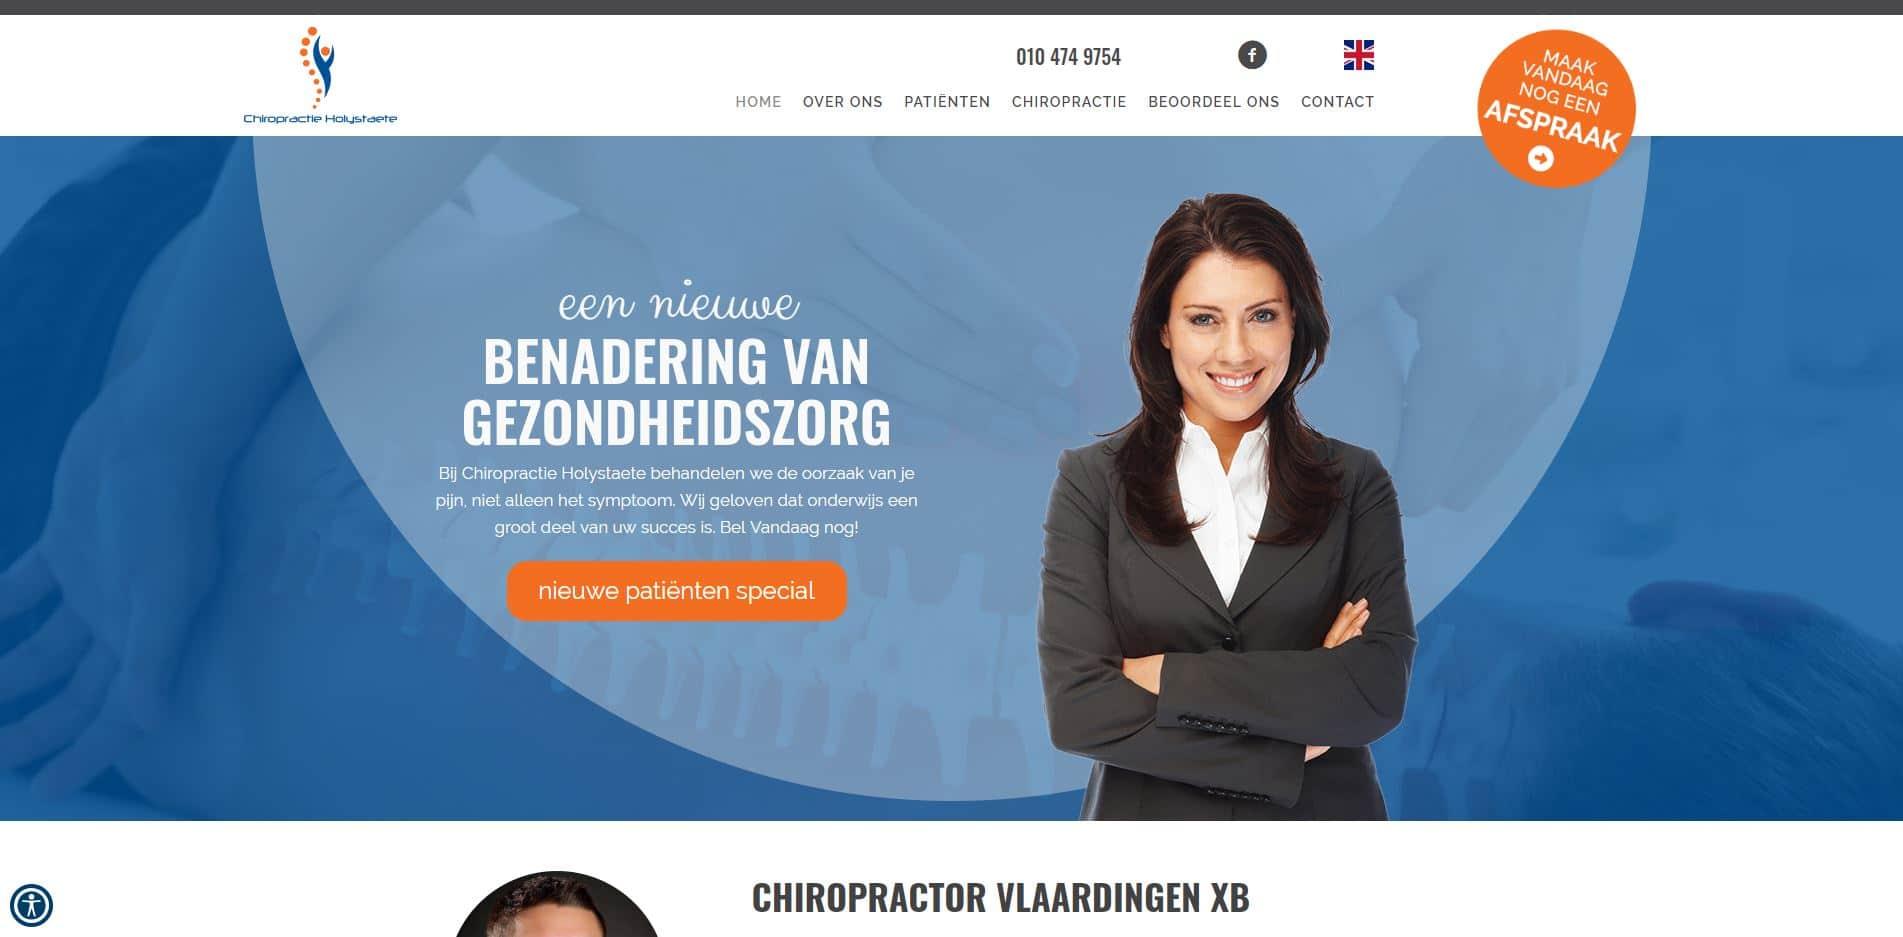 Chiropractor in Vlaardingen